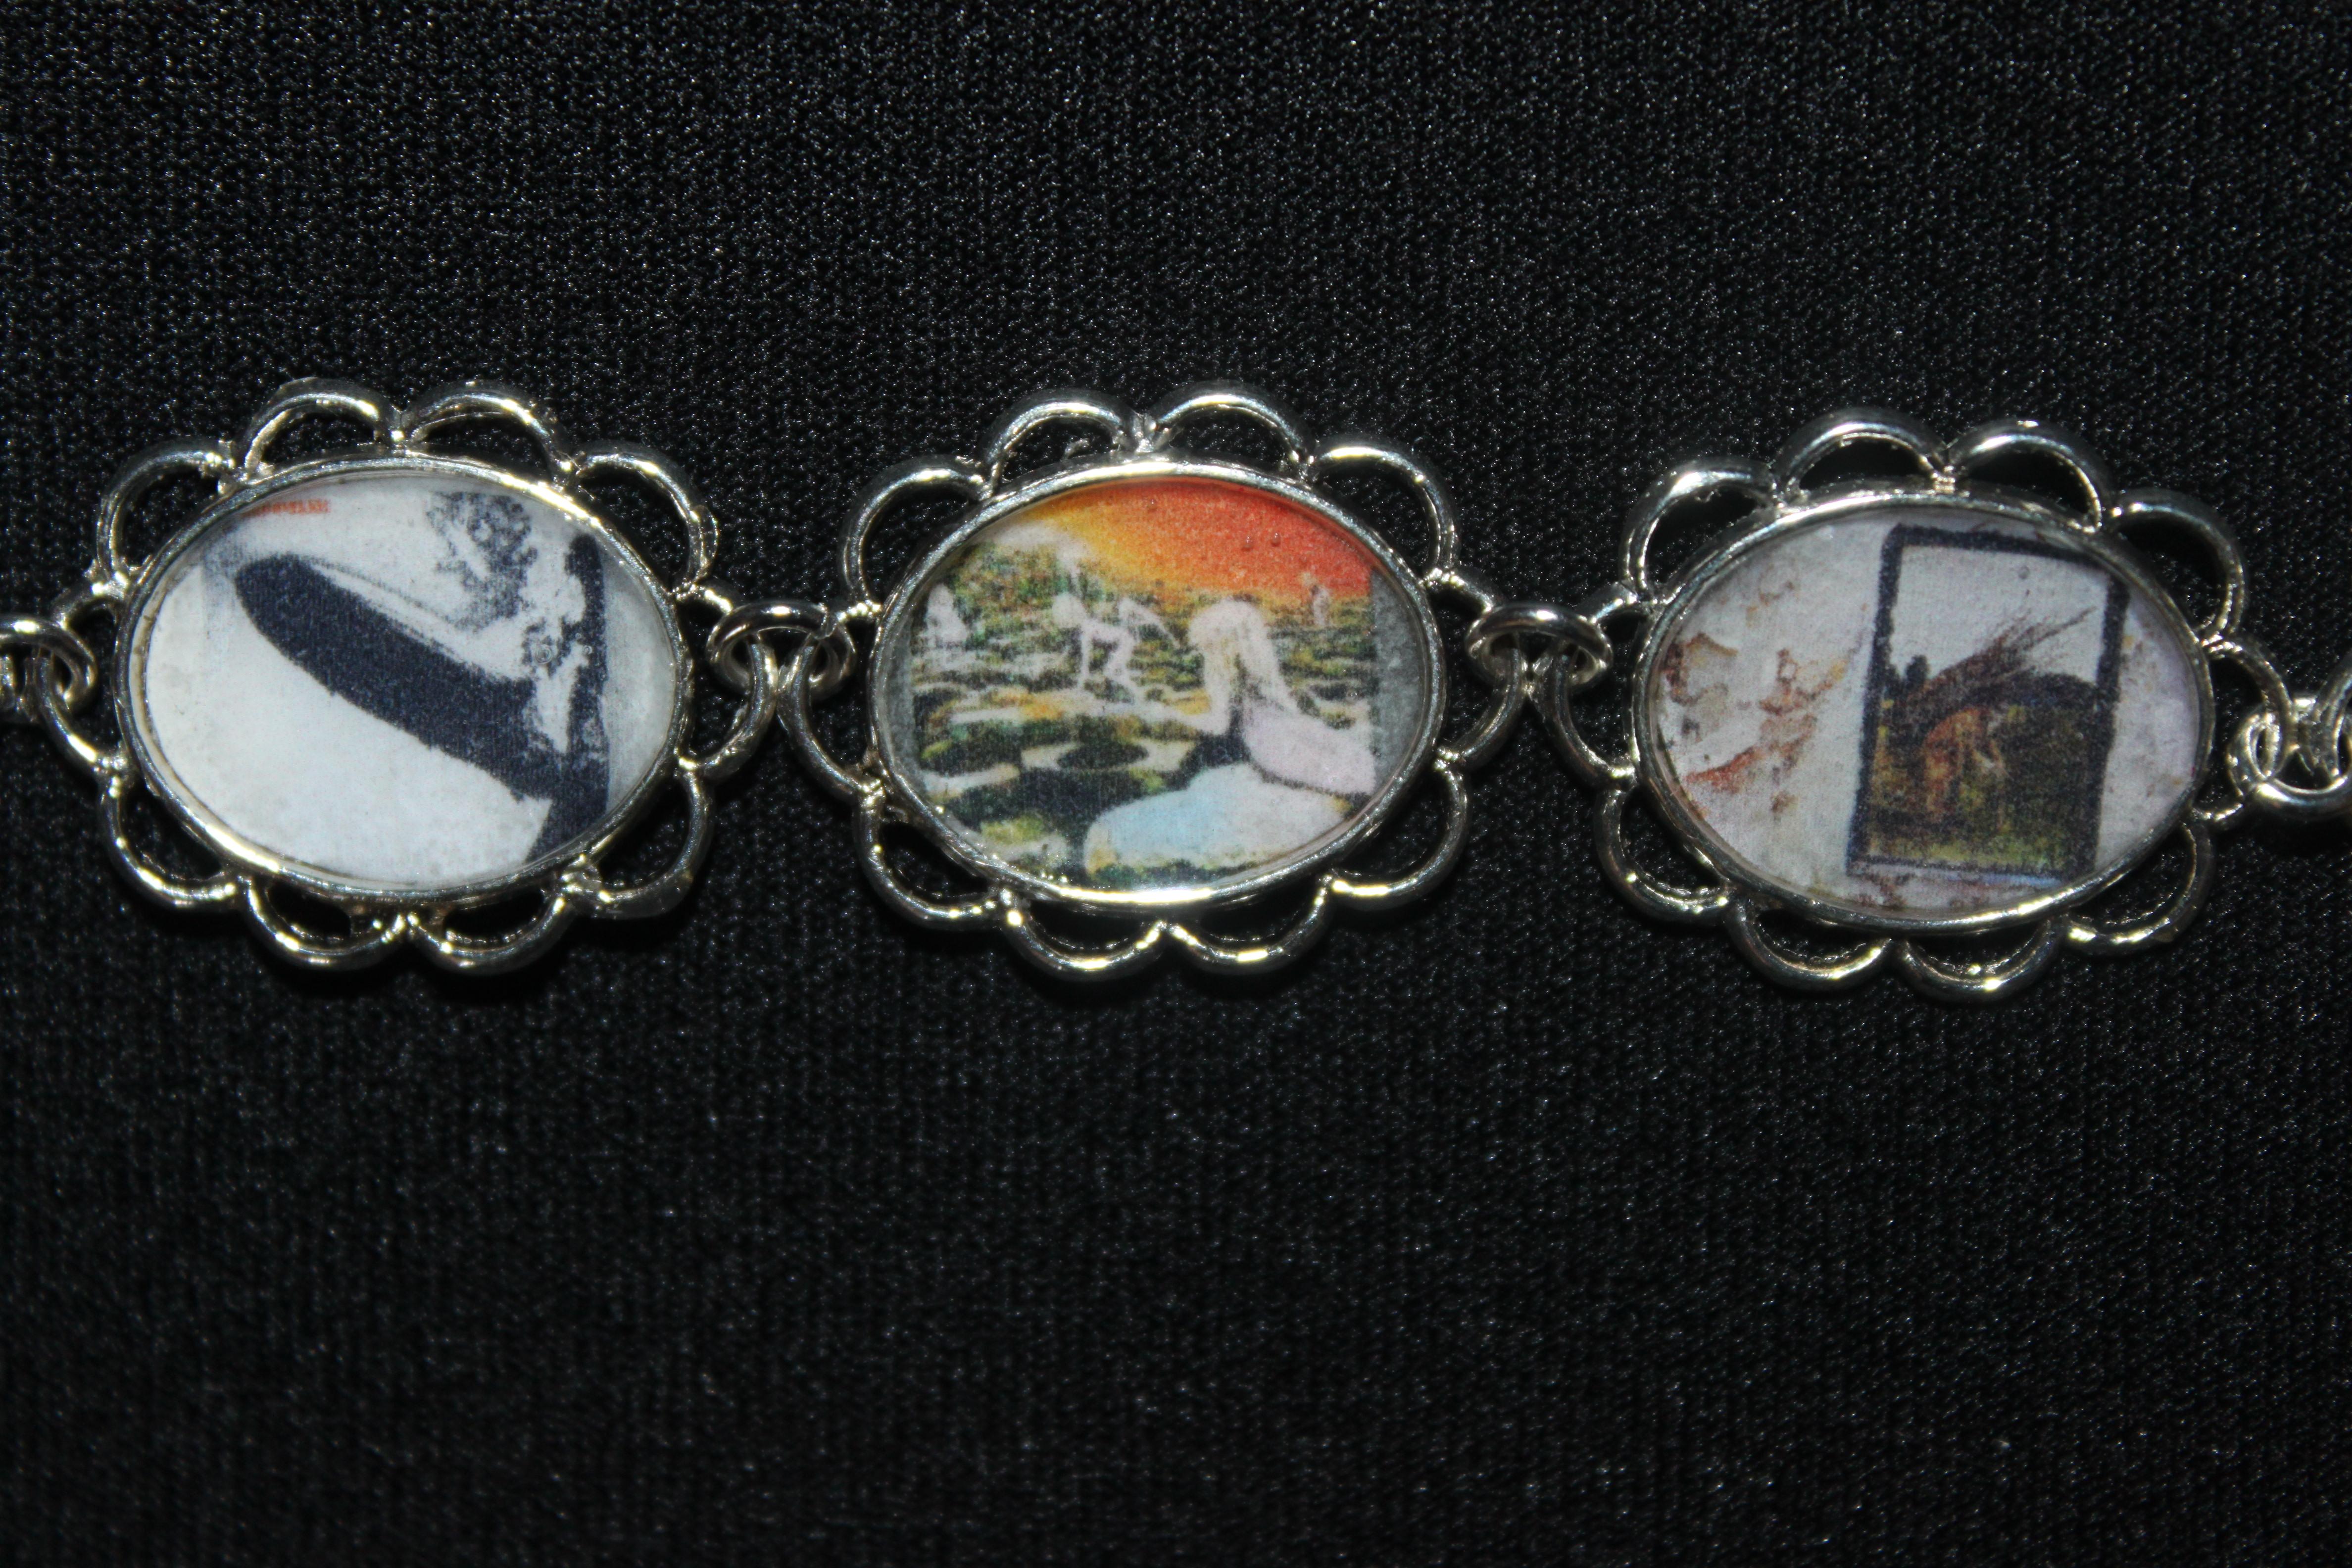 LED ZEPPELIN album cover art bracelet